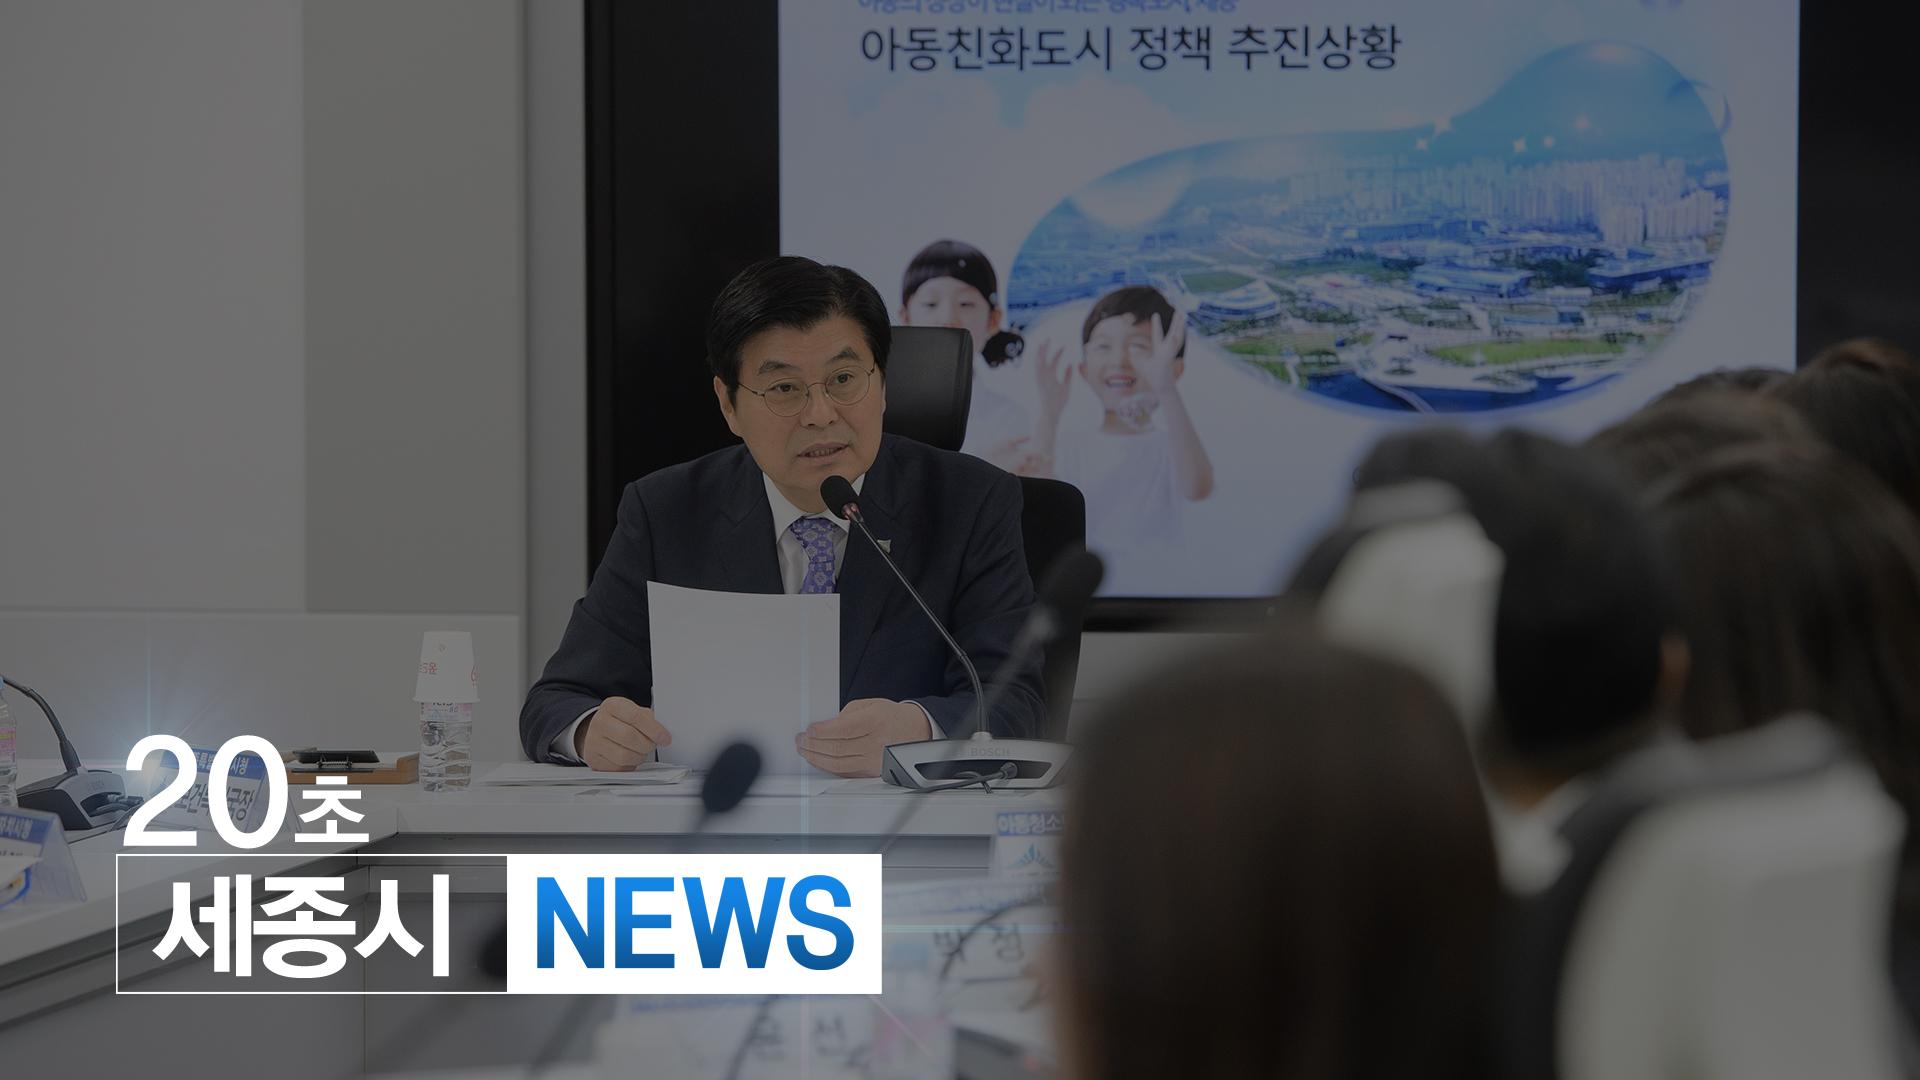 <20초뉴스> 아동친화도시 지정 3년차 추진성과·과제 점검